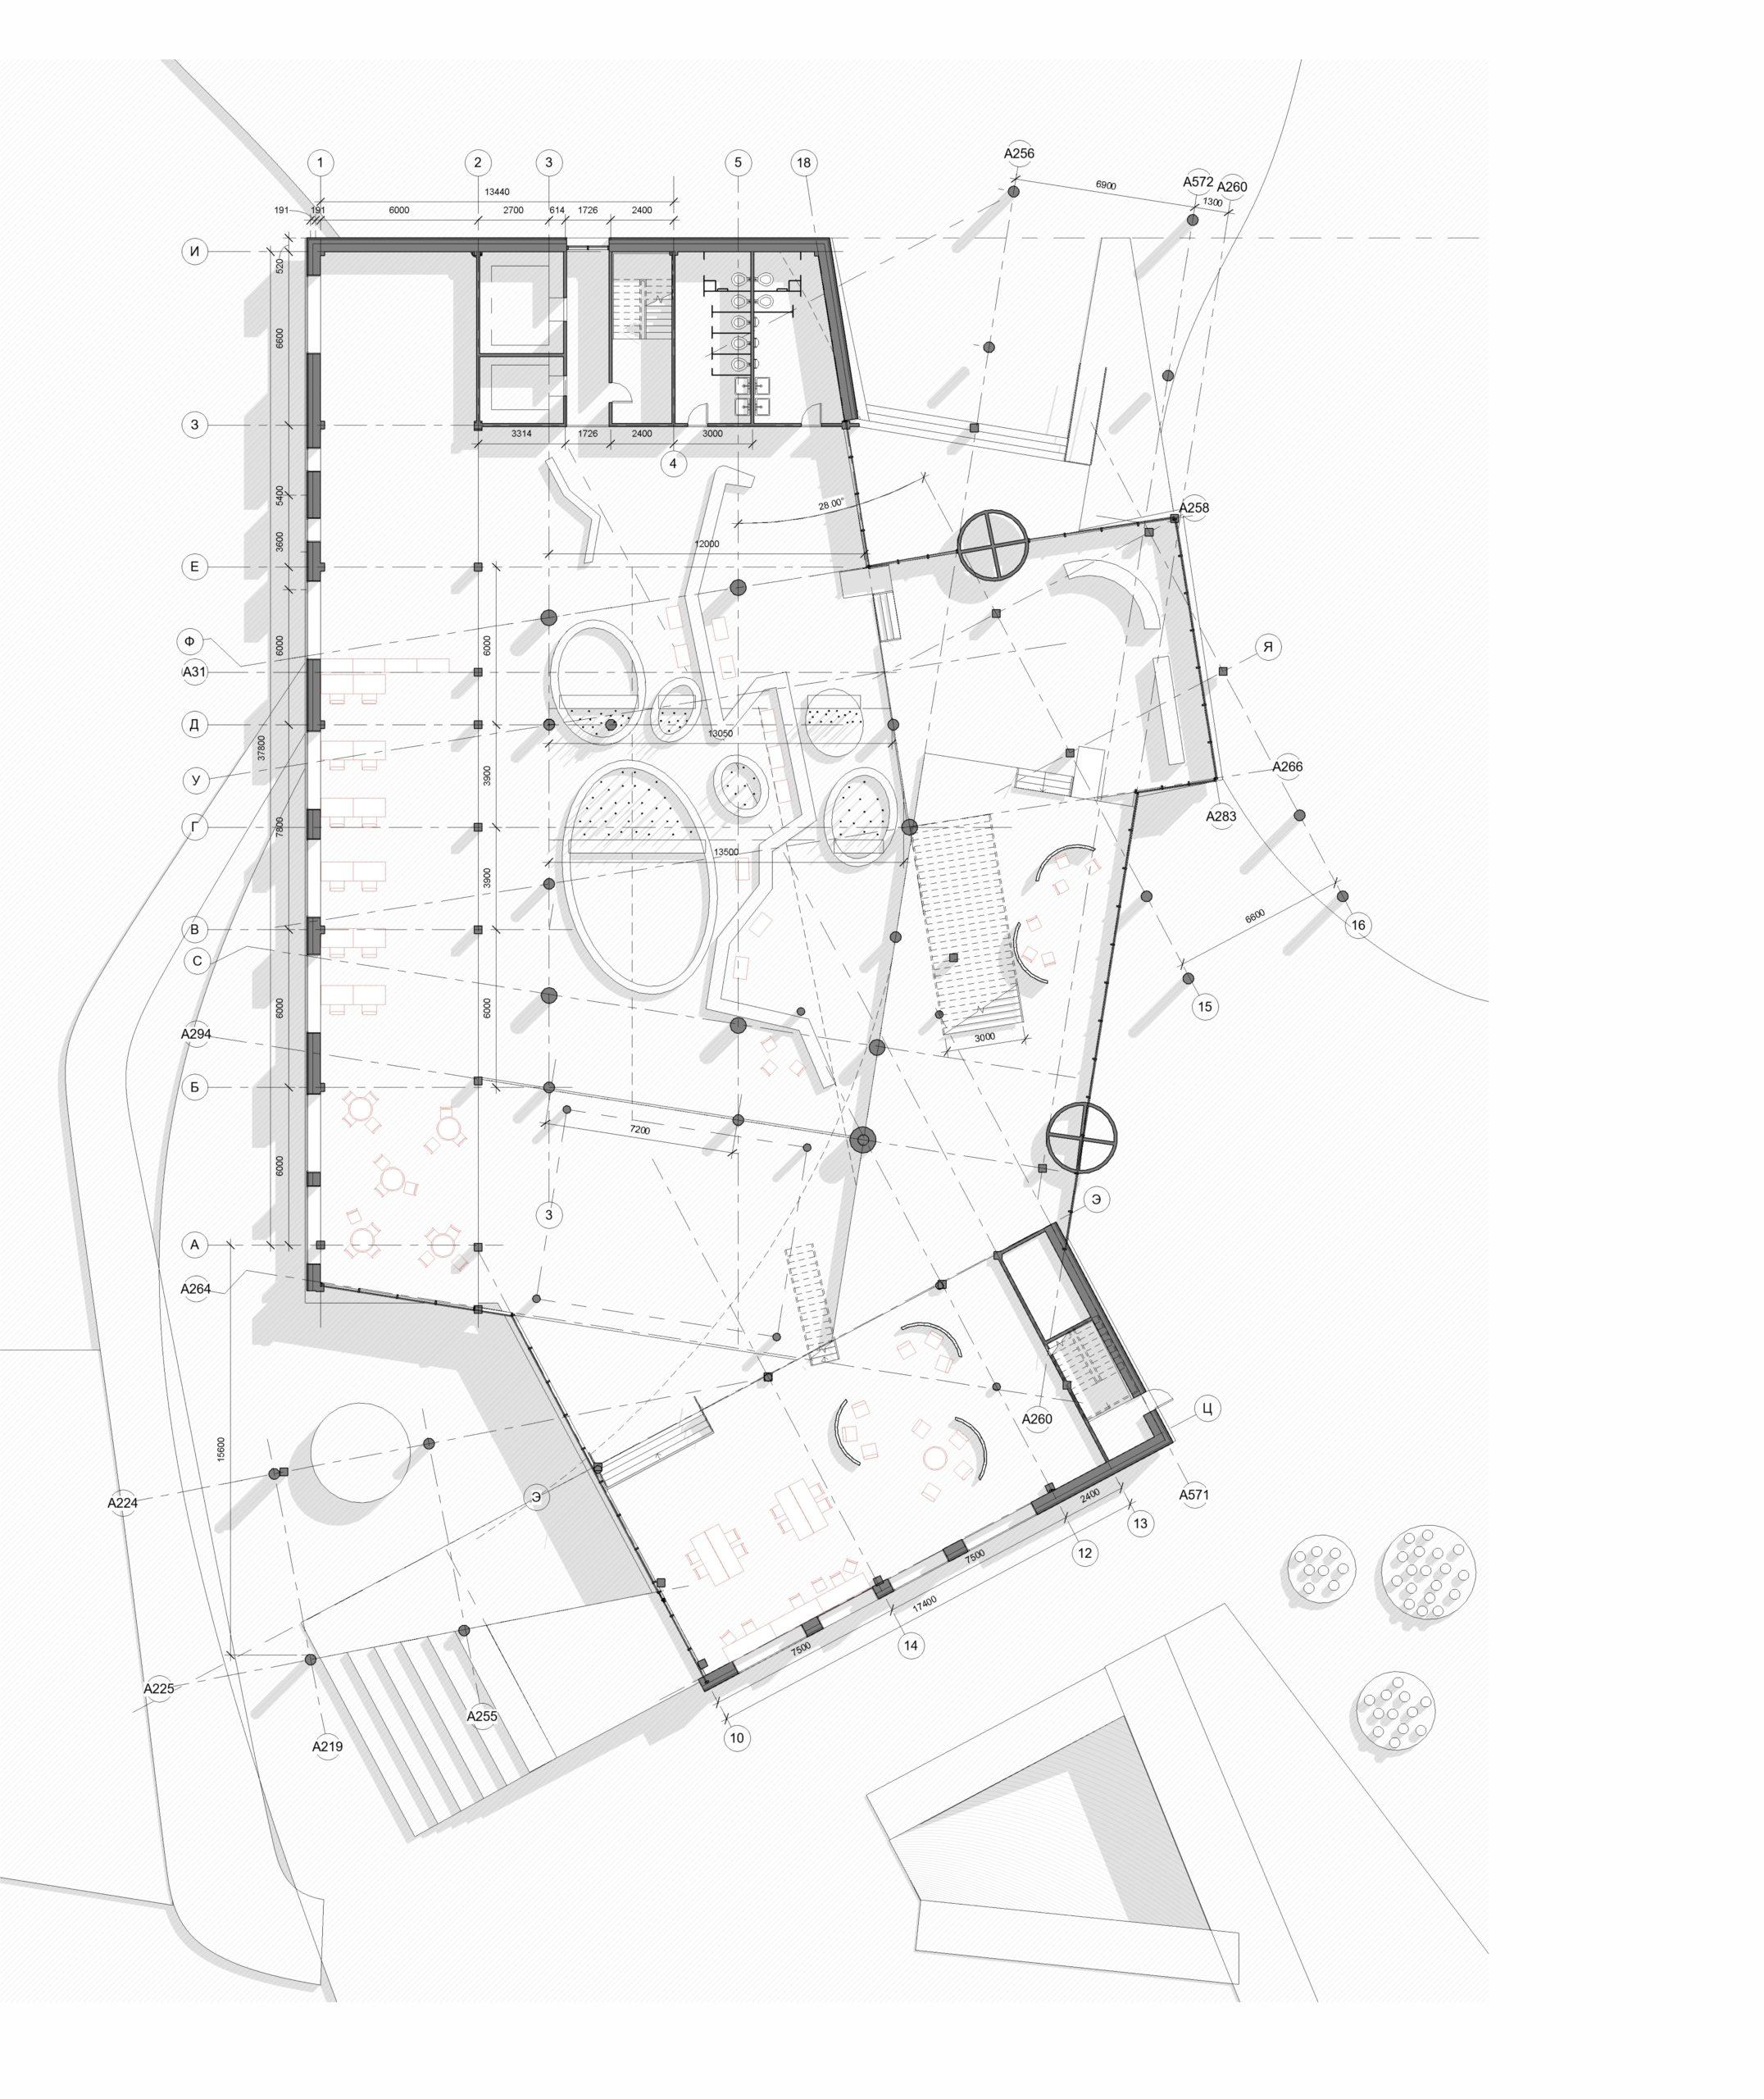 проект архитектура гидрологический кластер